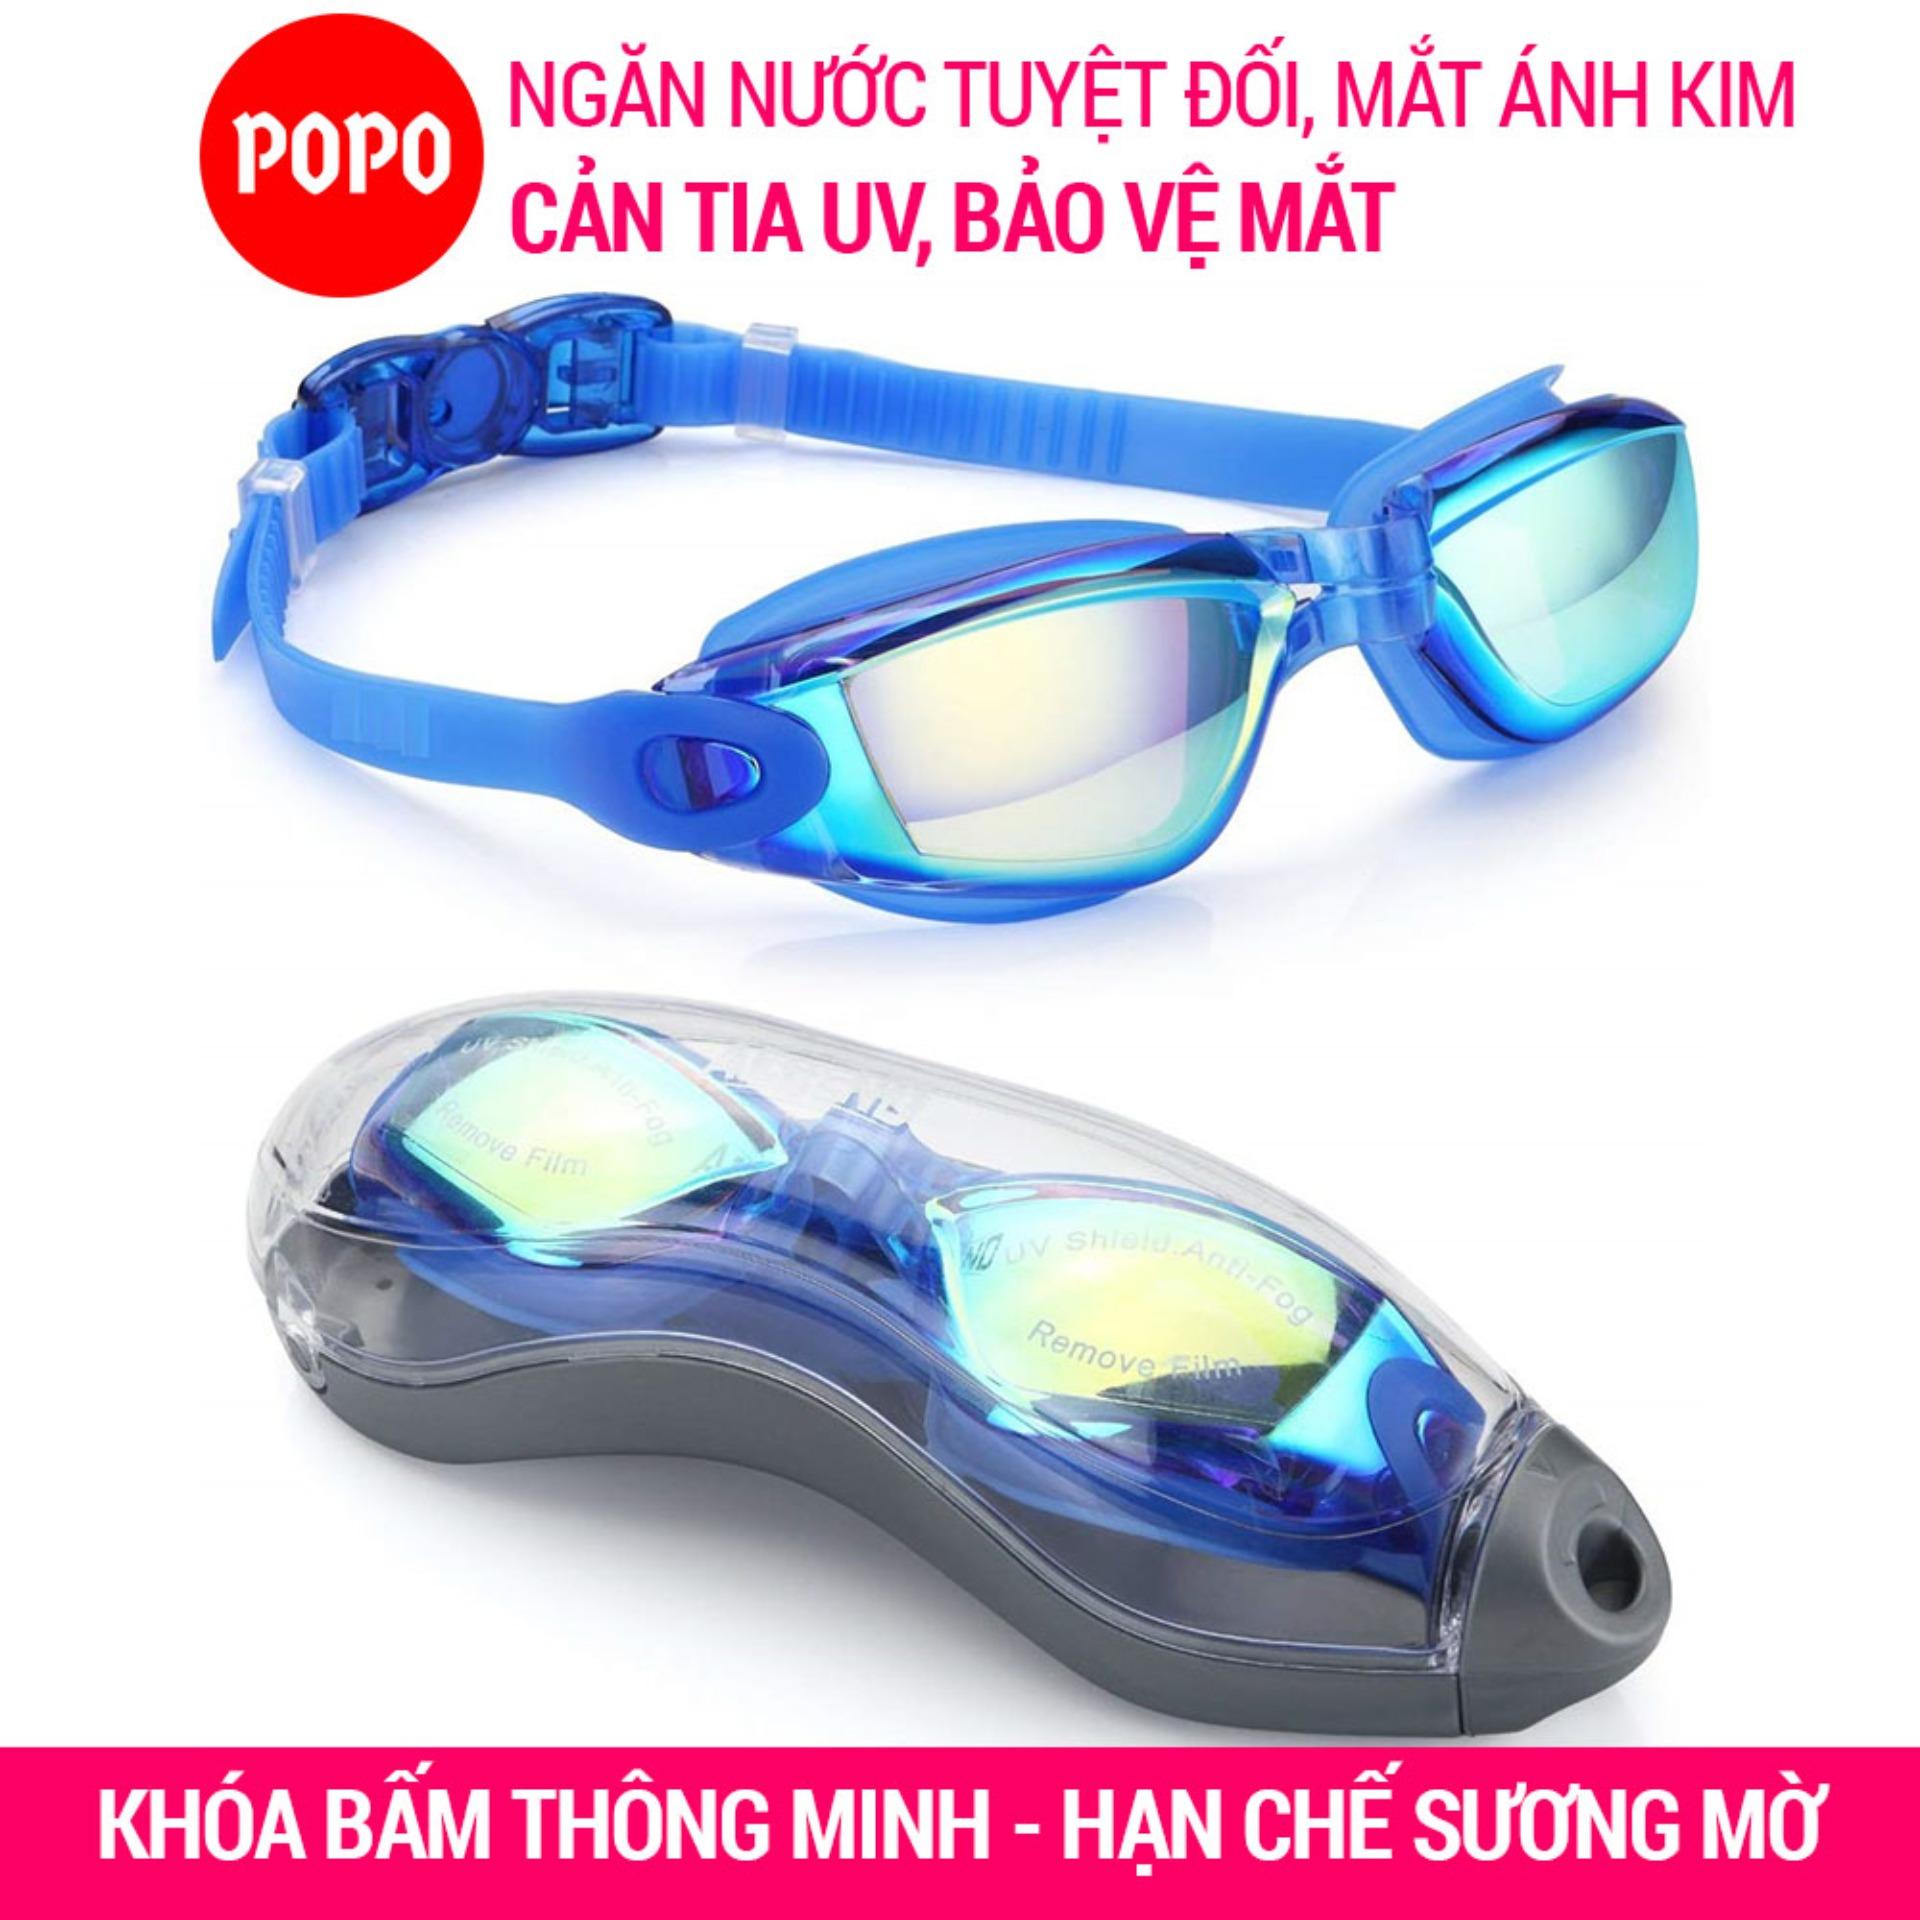 Kính bơi ánh kim chống tia UV POPO P2360 chống hấp hơi kiểu dáng thể thao Khóa bấm phía sau dễ dàng đeo và tháo kính bơi